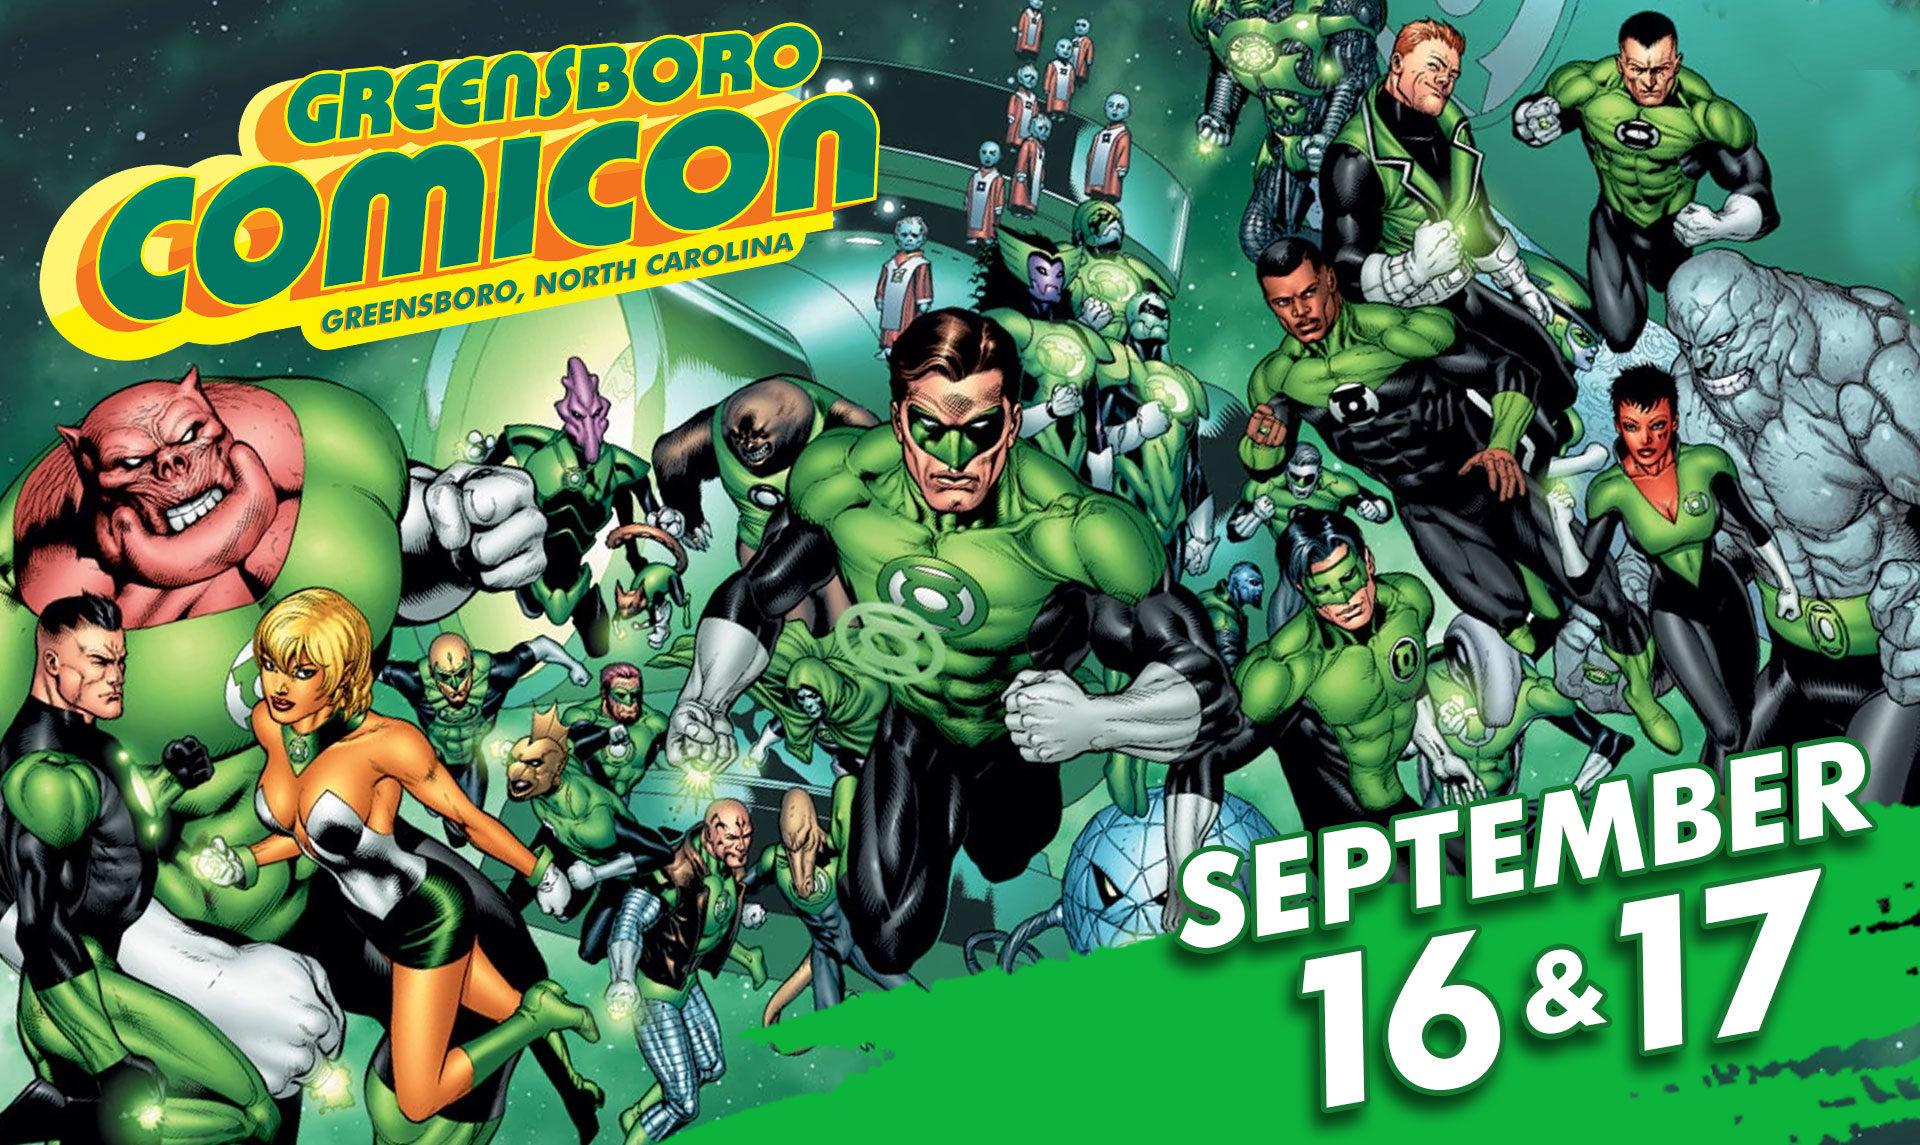 Greensboro Comicon